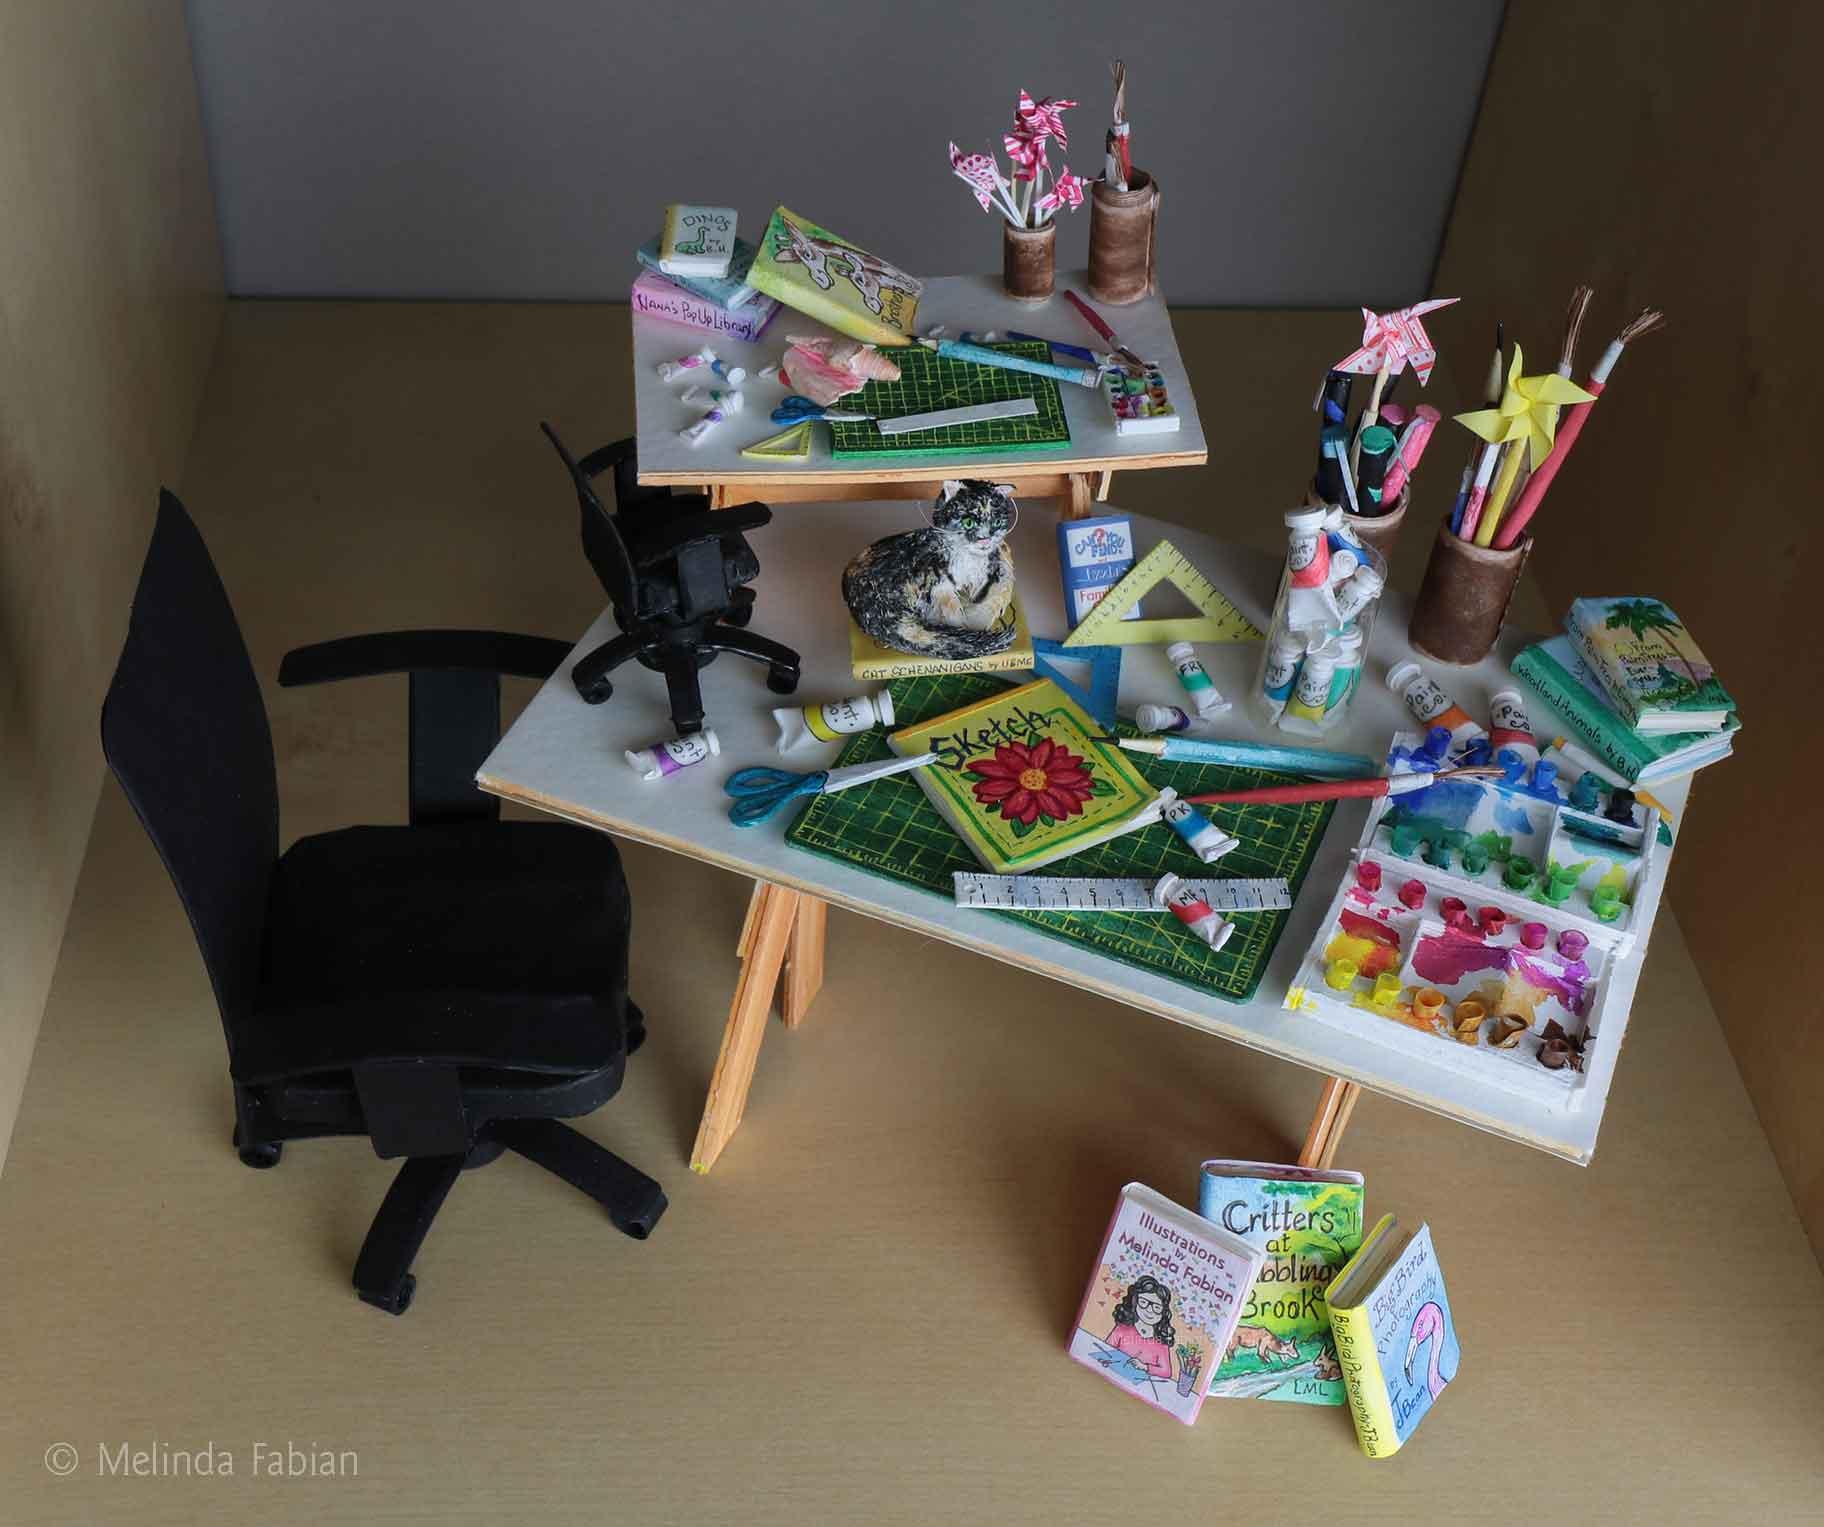 Melinda_Fabian_Desk_1.jpg